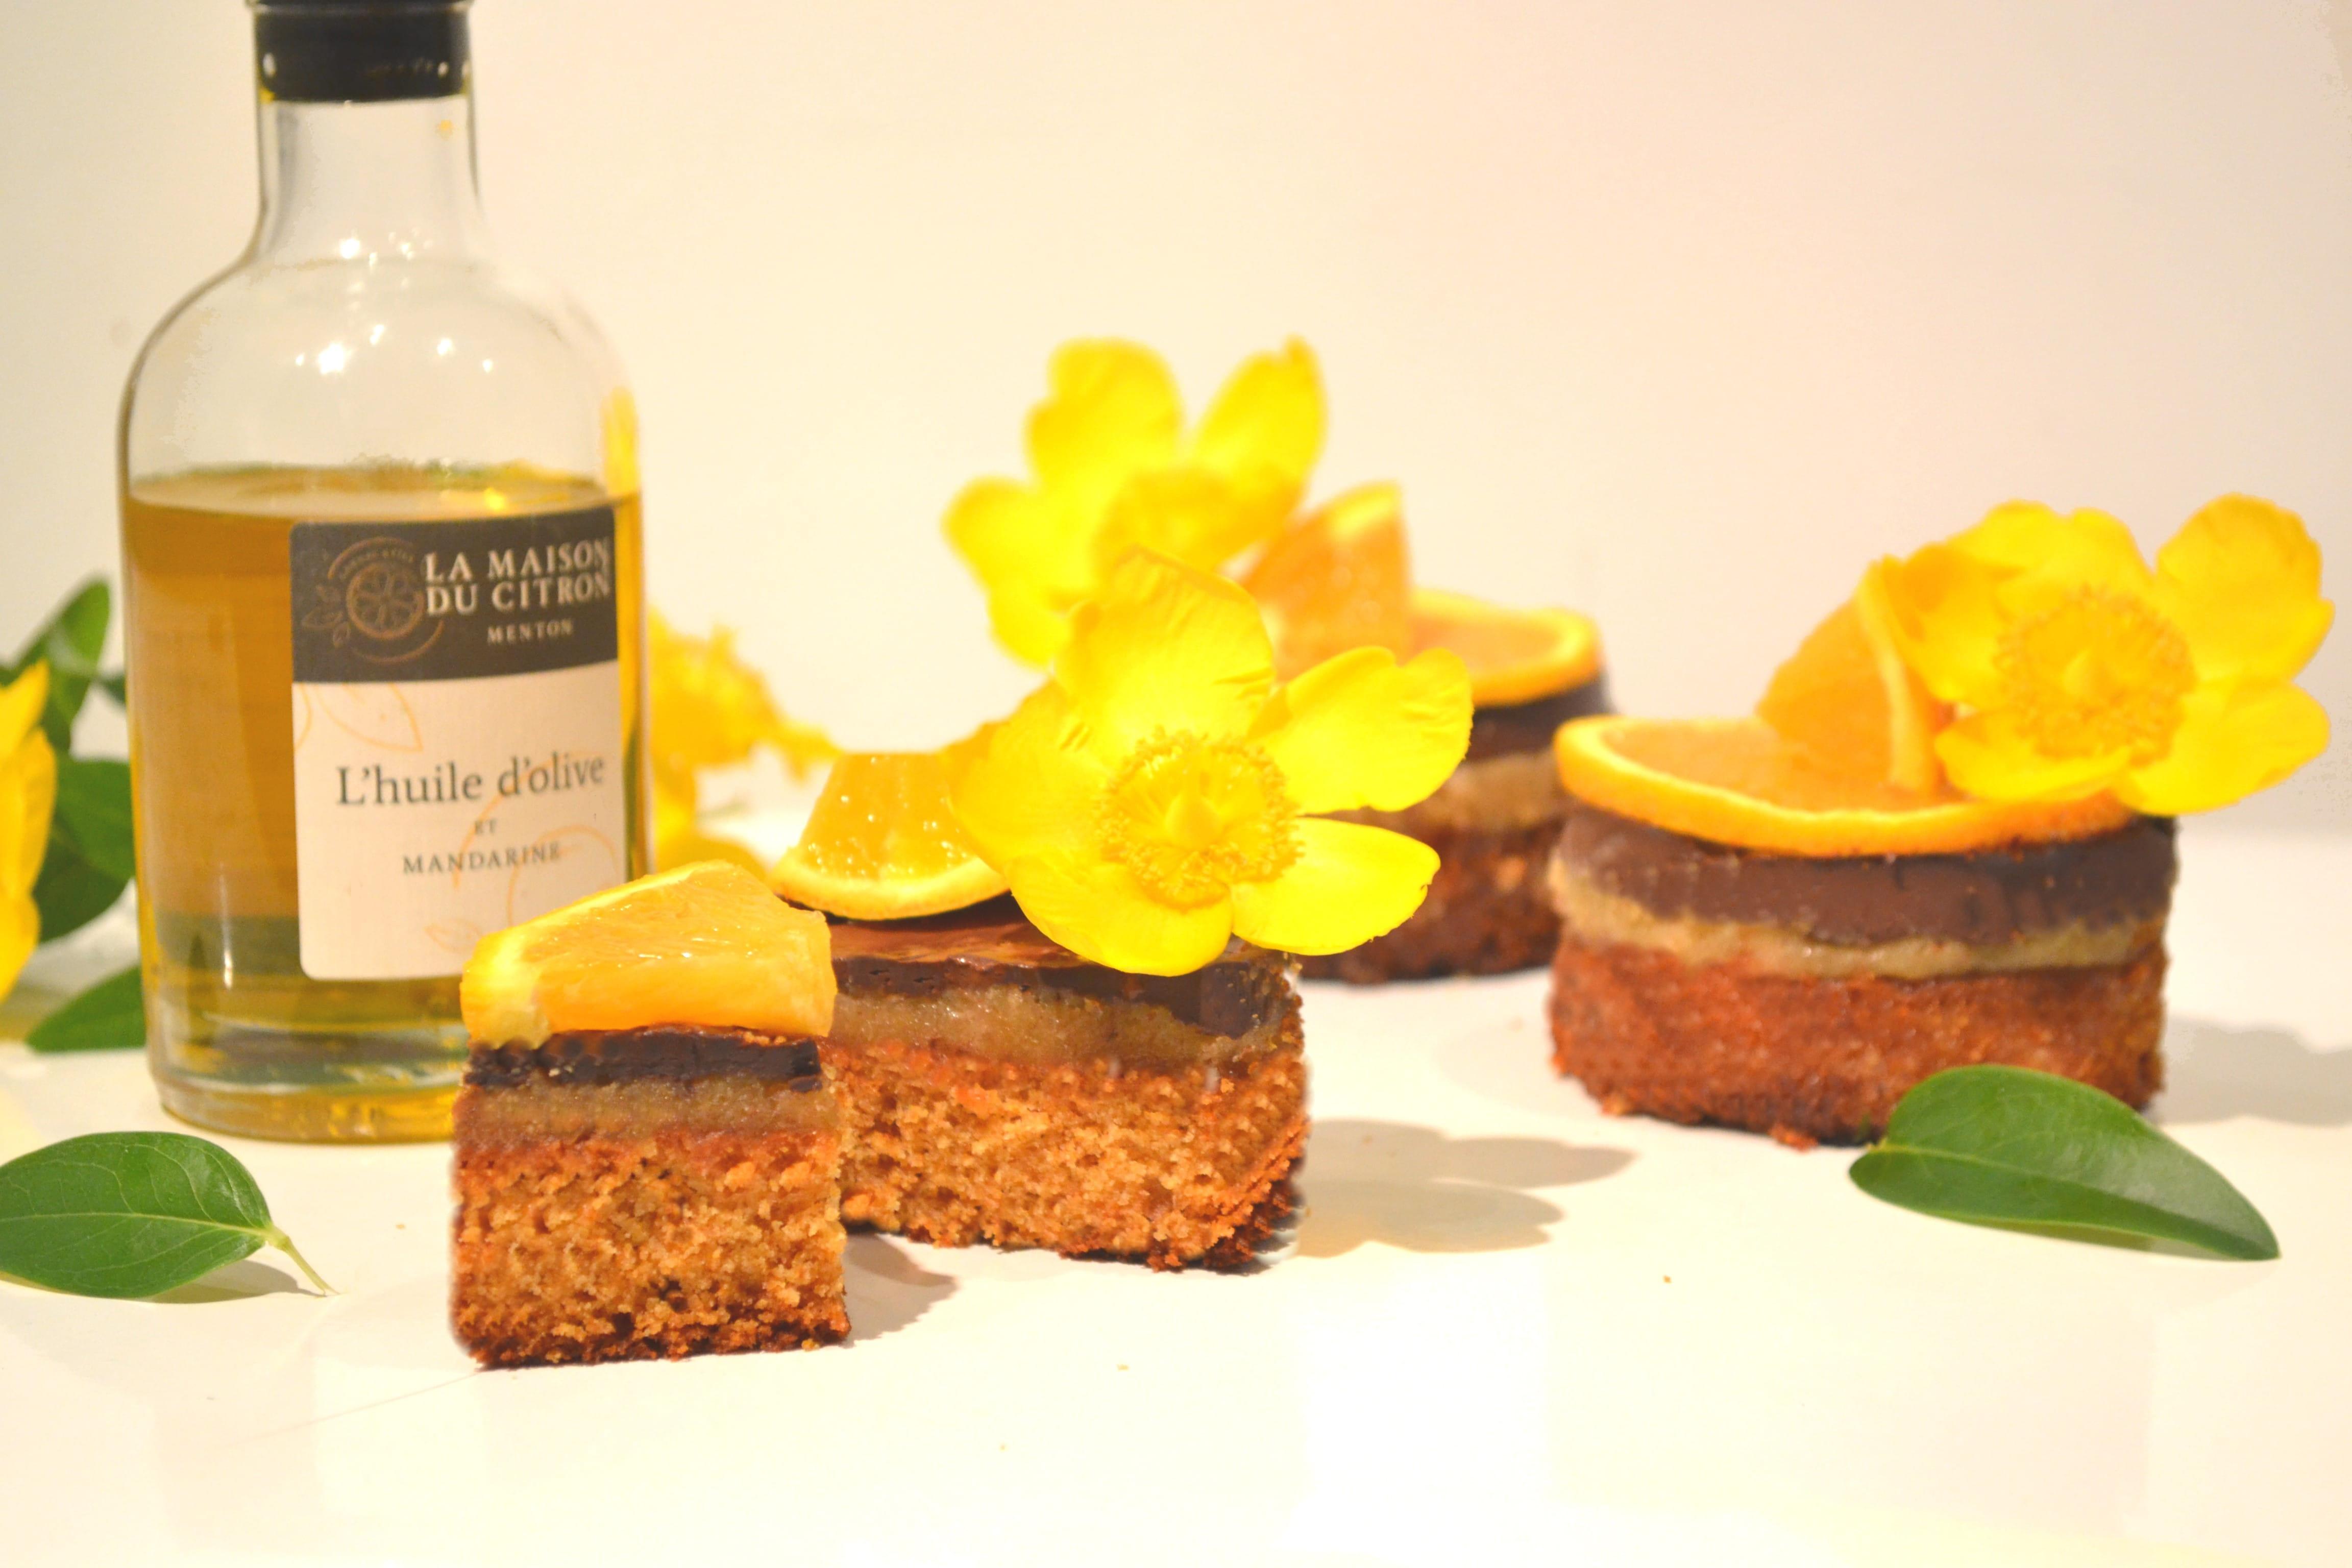 Palets bretons et sa crème fruitée